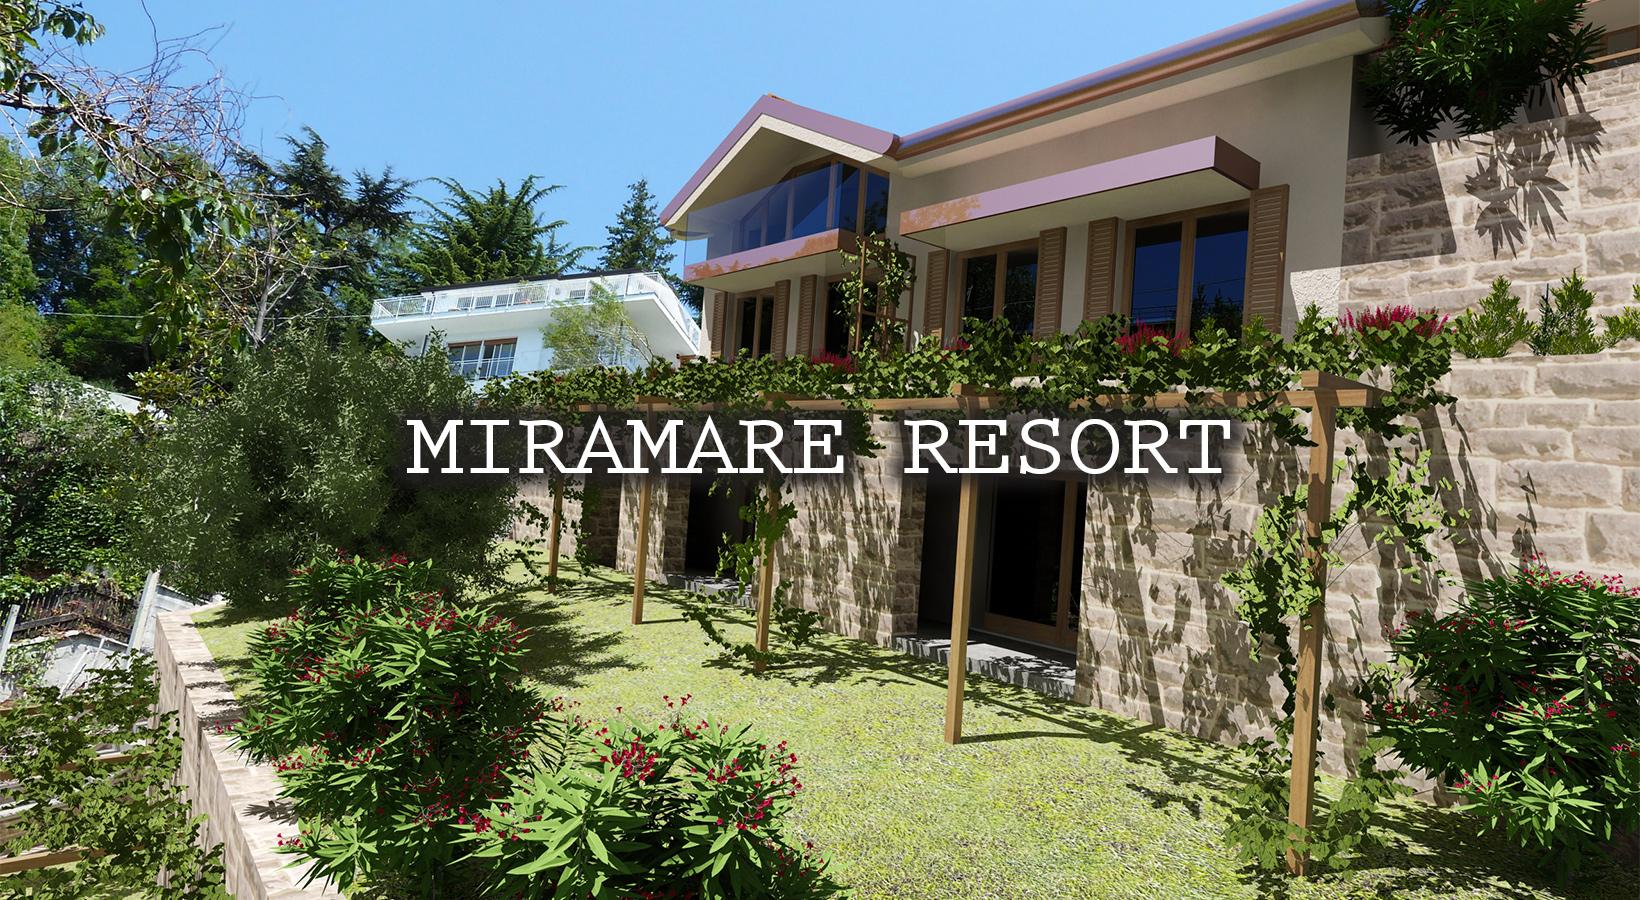 miramare header